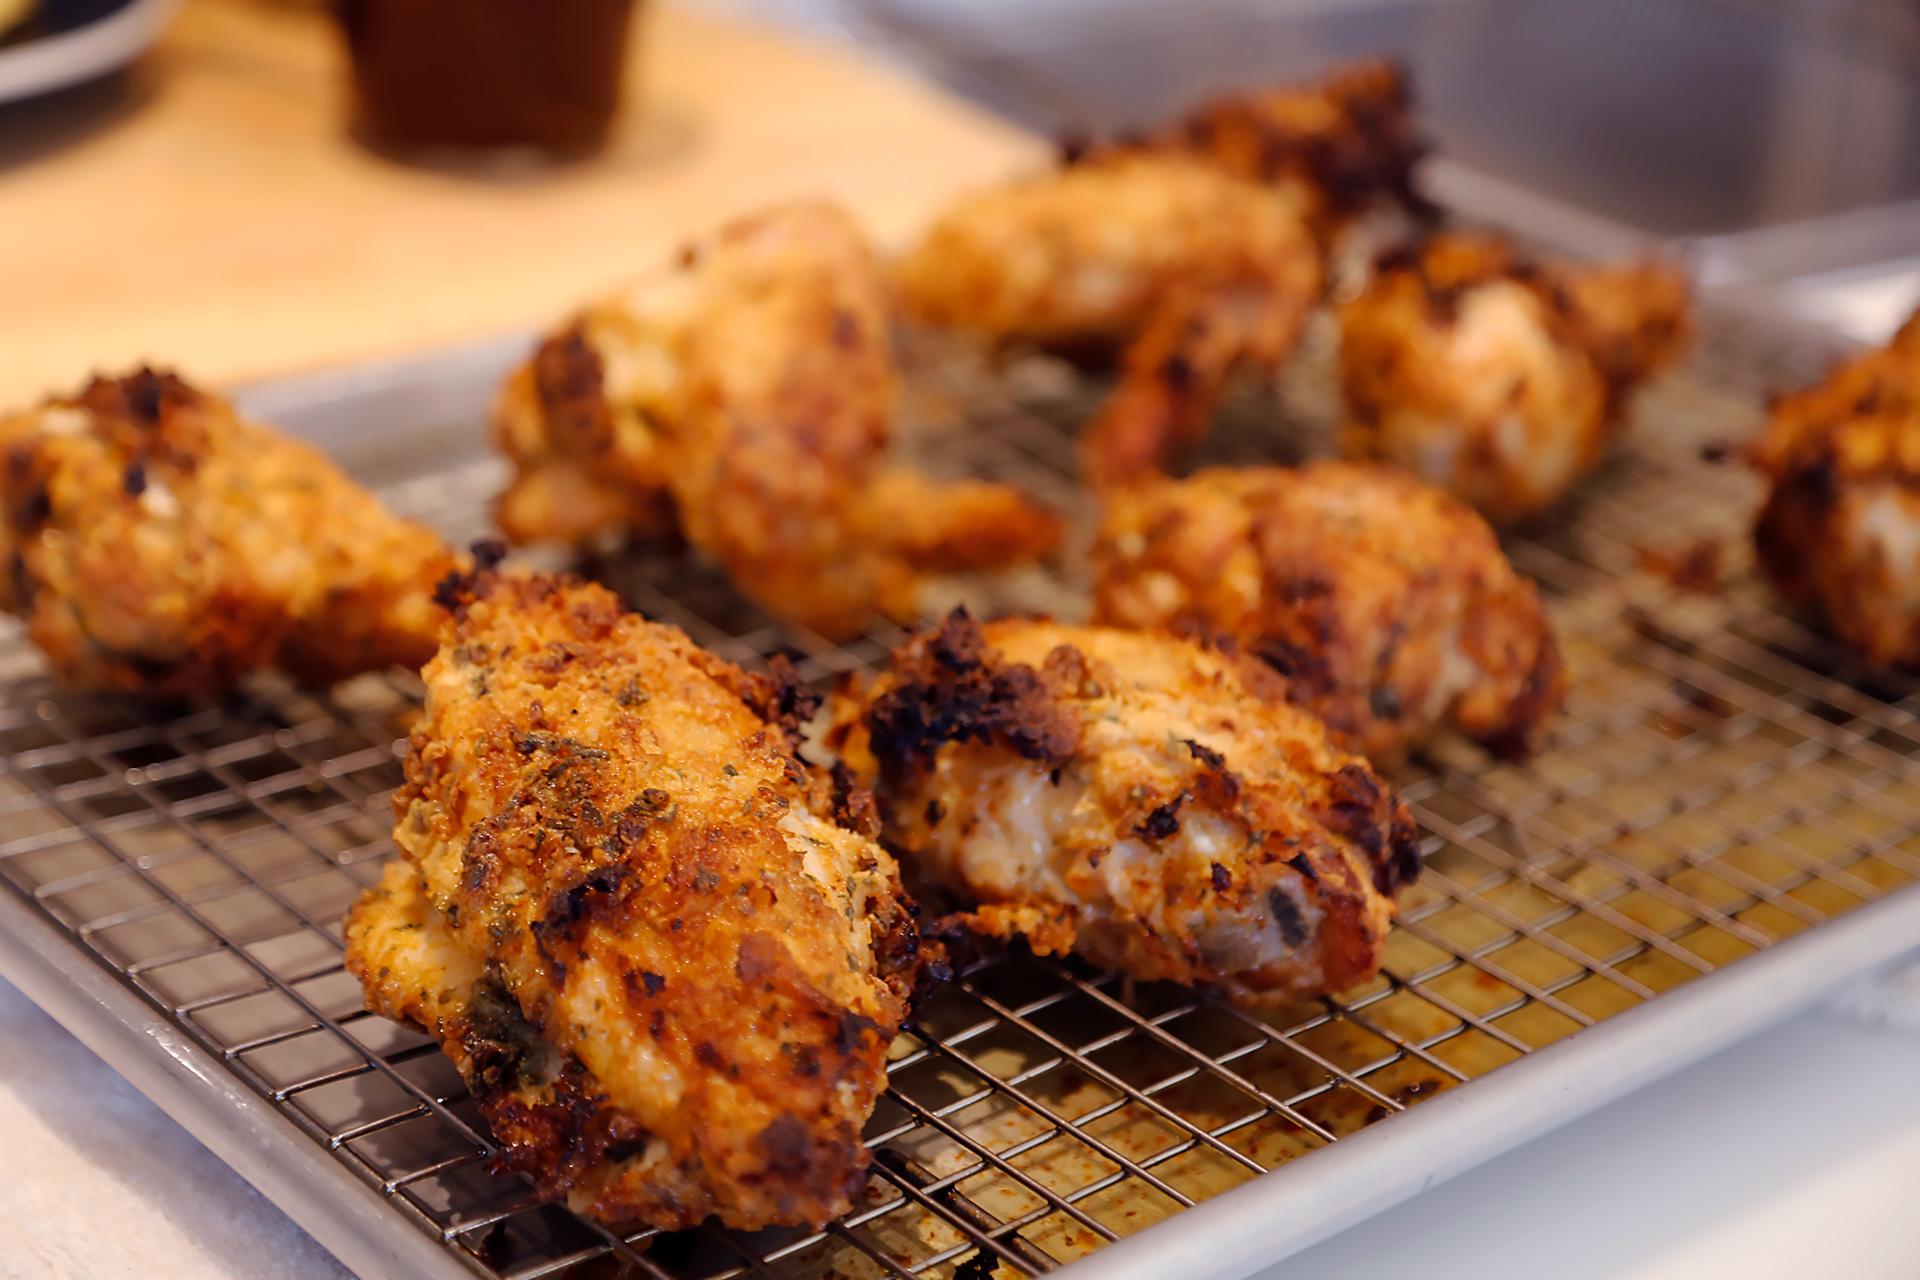 Brown Sugar Kitchen's Acclaimed Buttermilk Fried Chicken